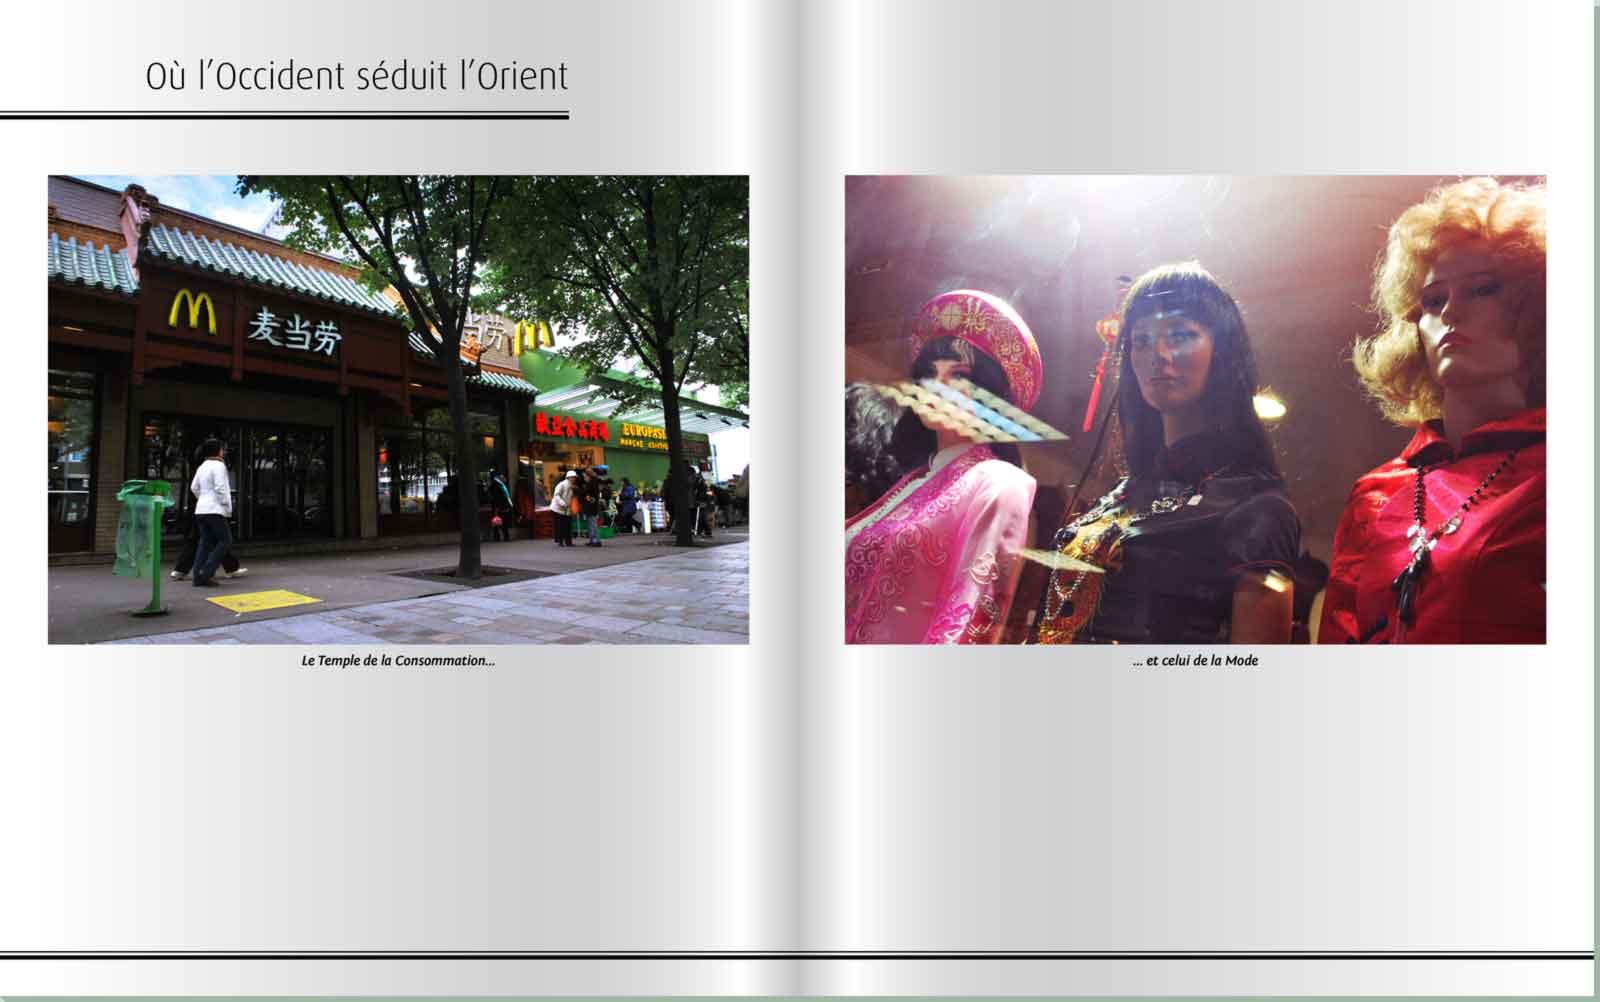 Slide 2/8 of